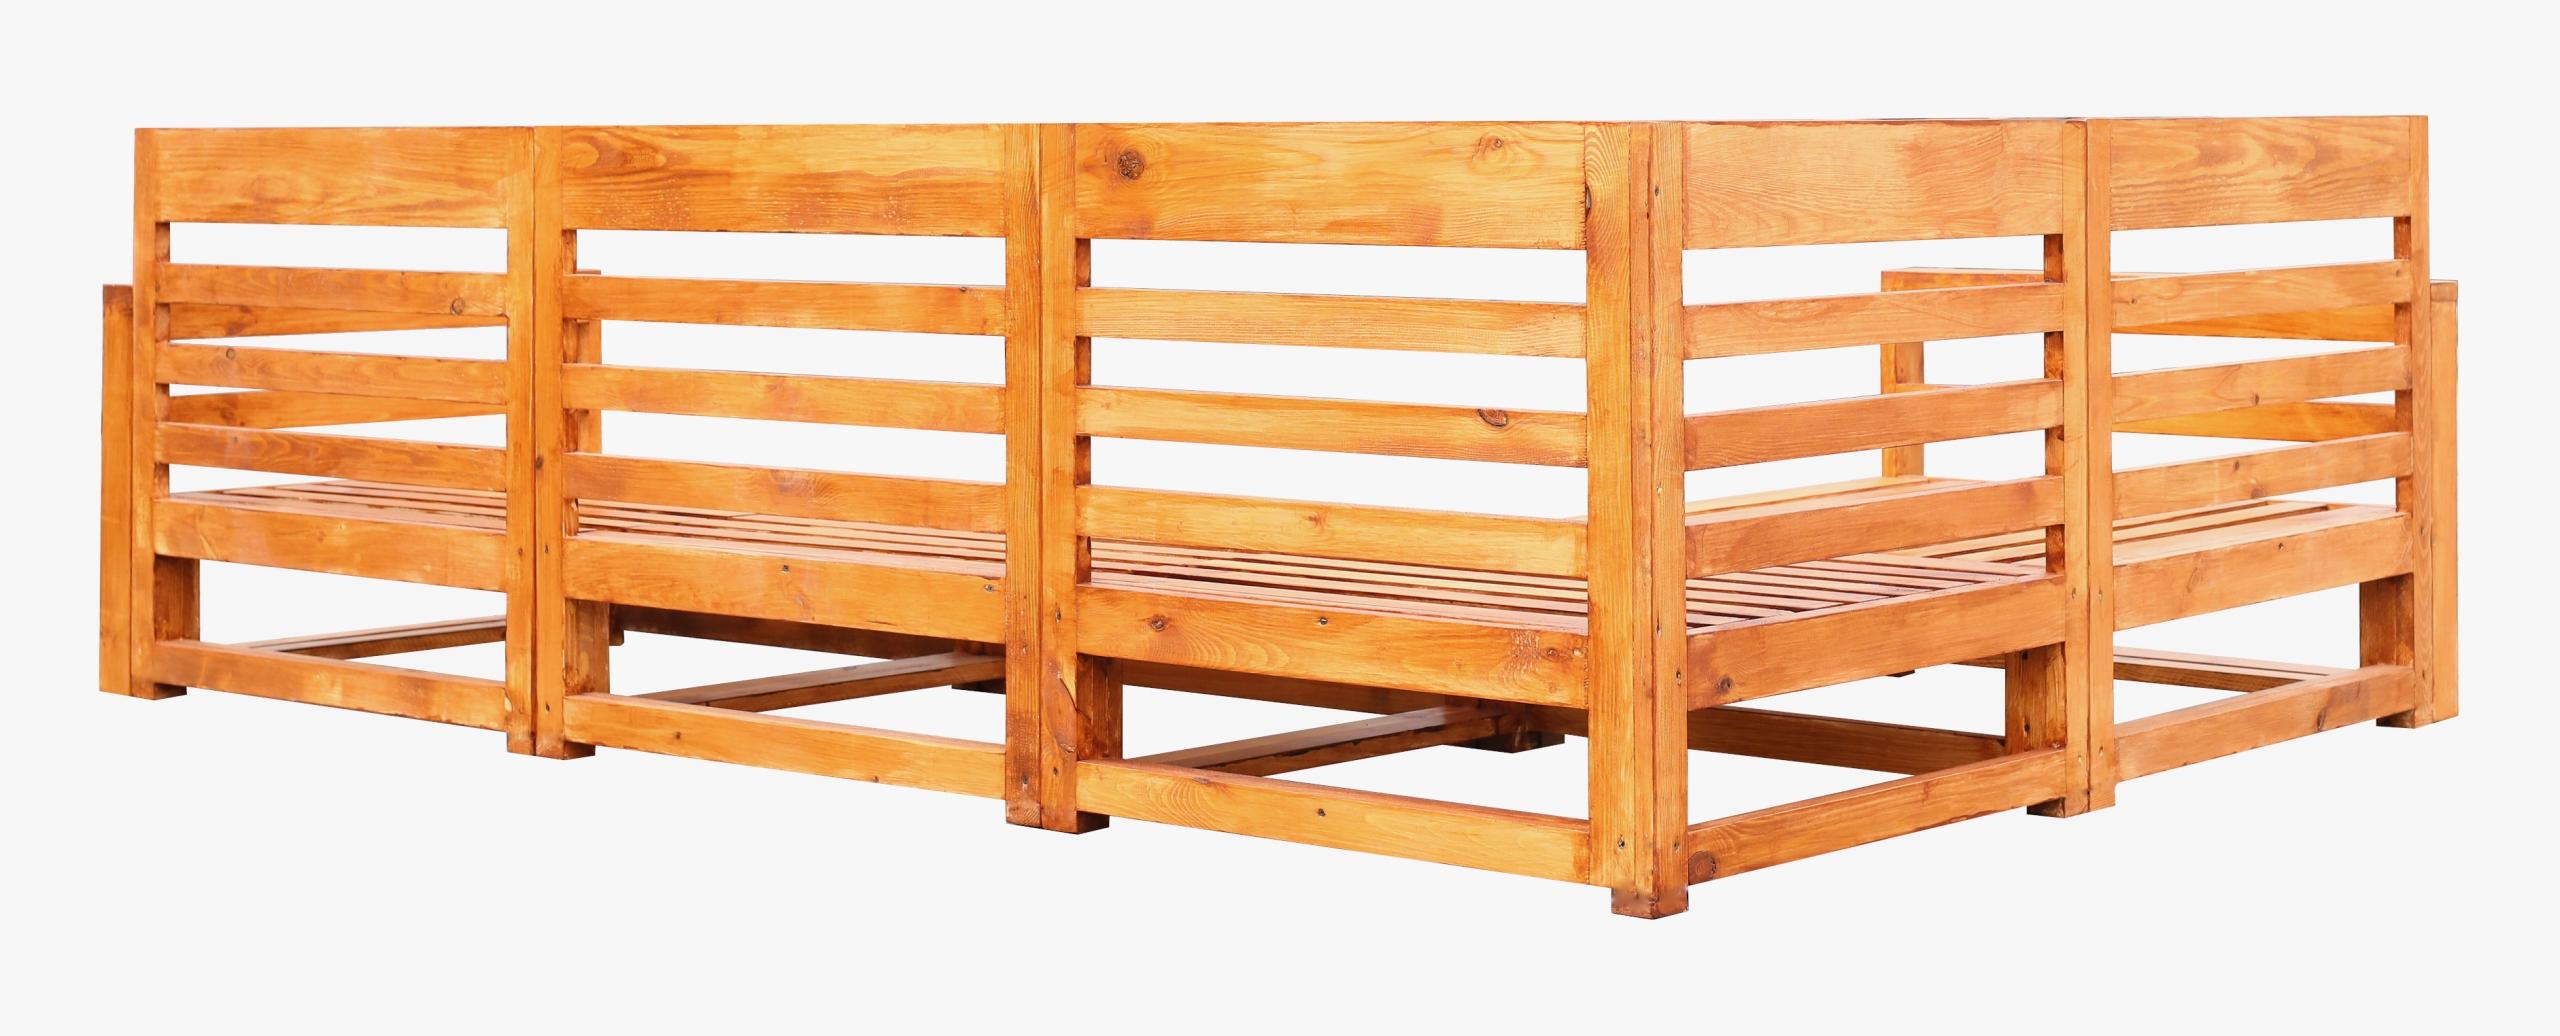 Sada záhradného nábytku z dreva 4 SEDADLO + 2 LAVICE Moderný štýl